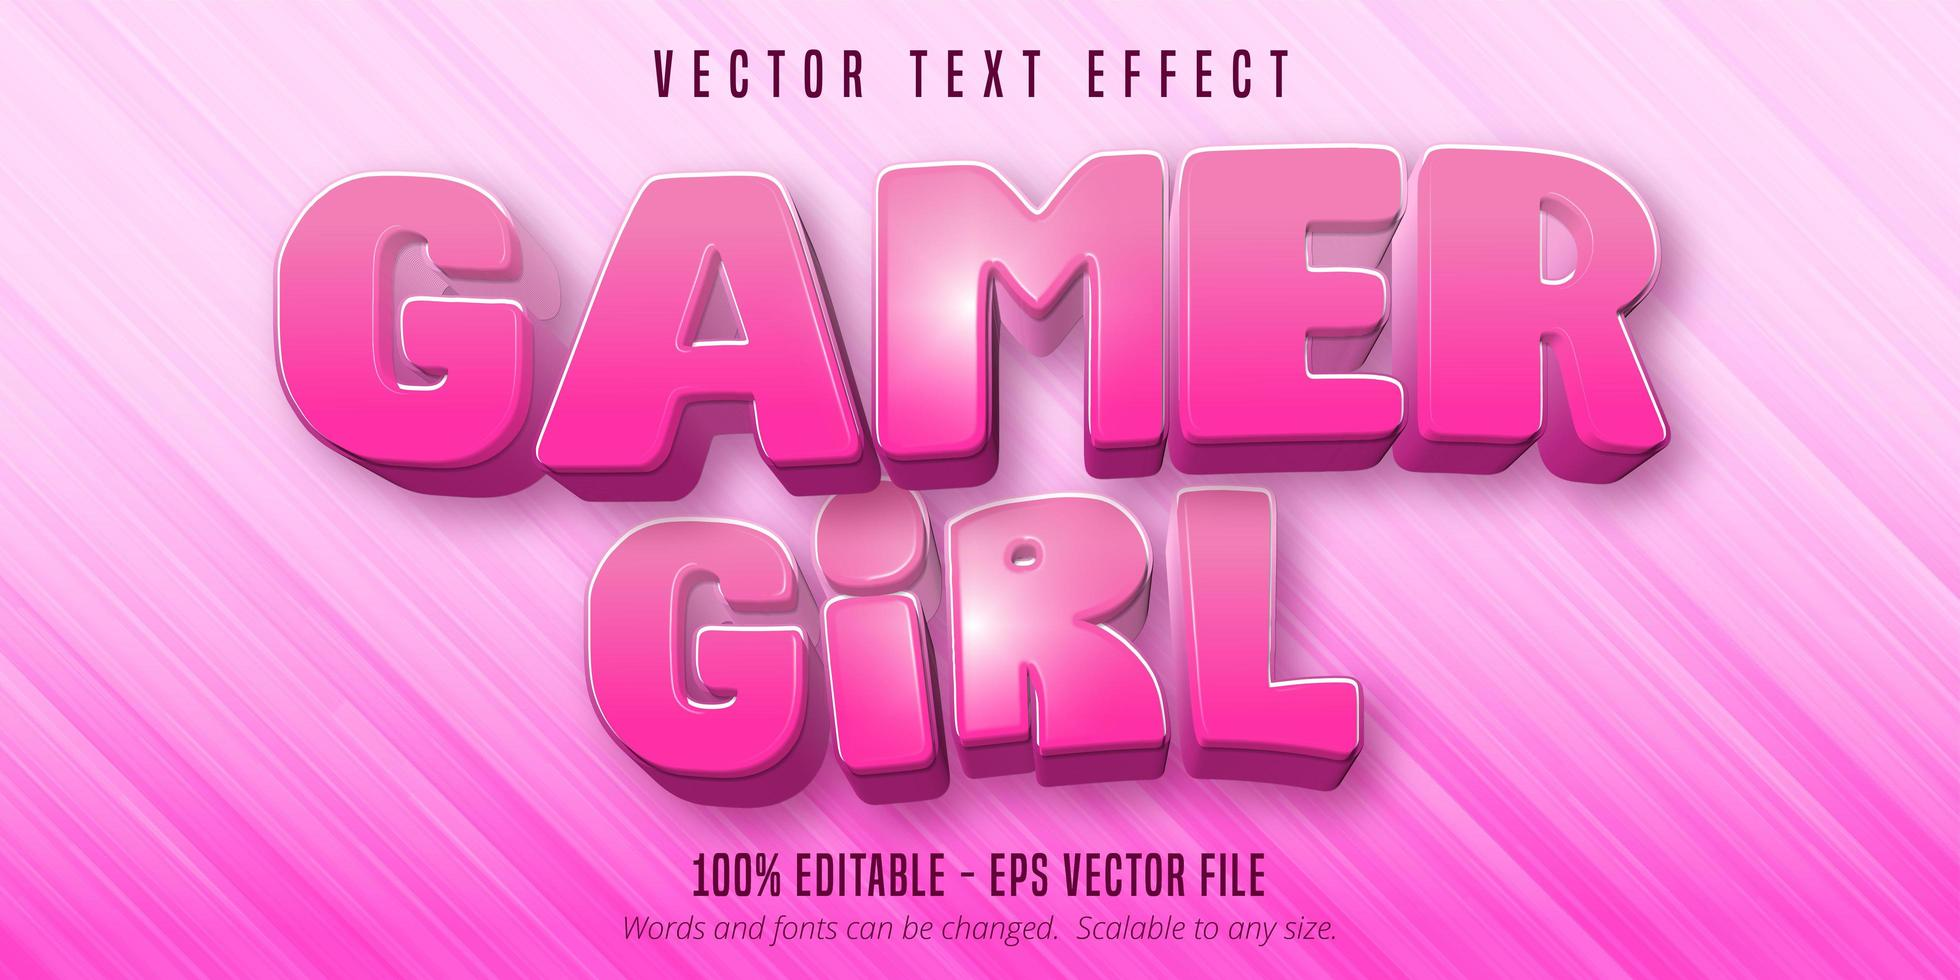 testo della ragazza del giocatore, effetto di testo modificabile in stile cartone animato vettore